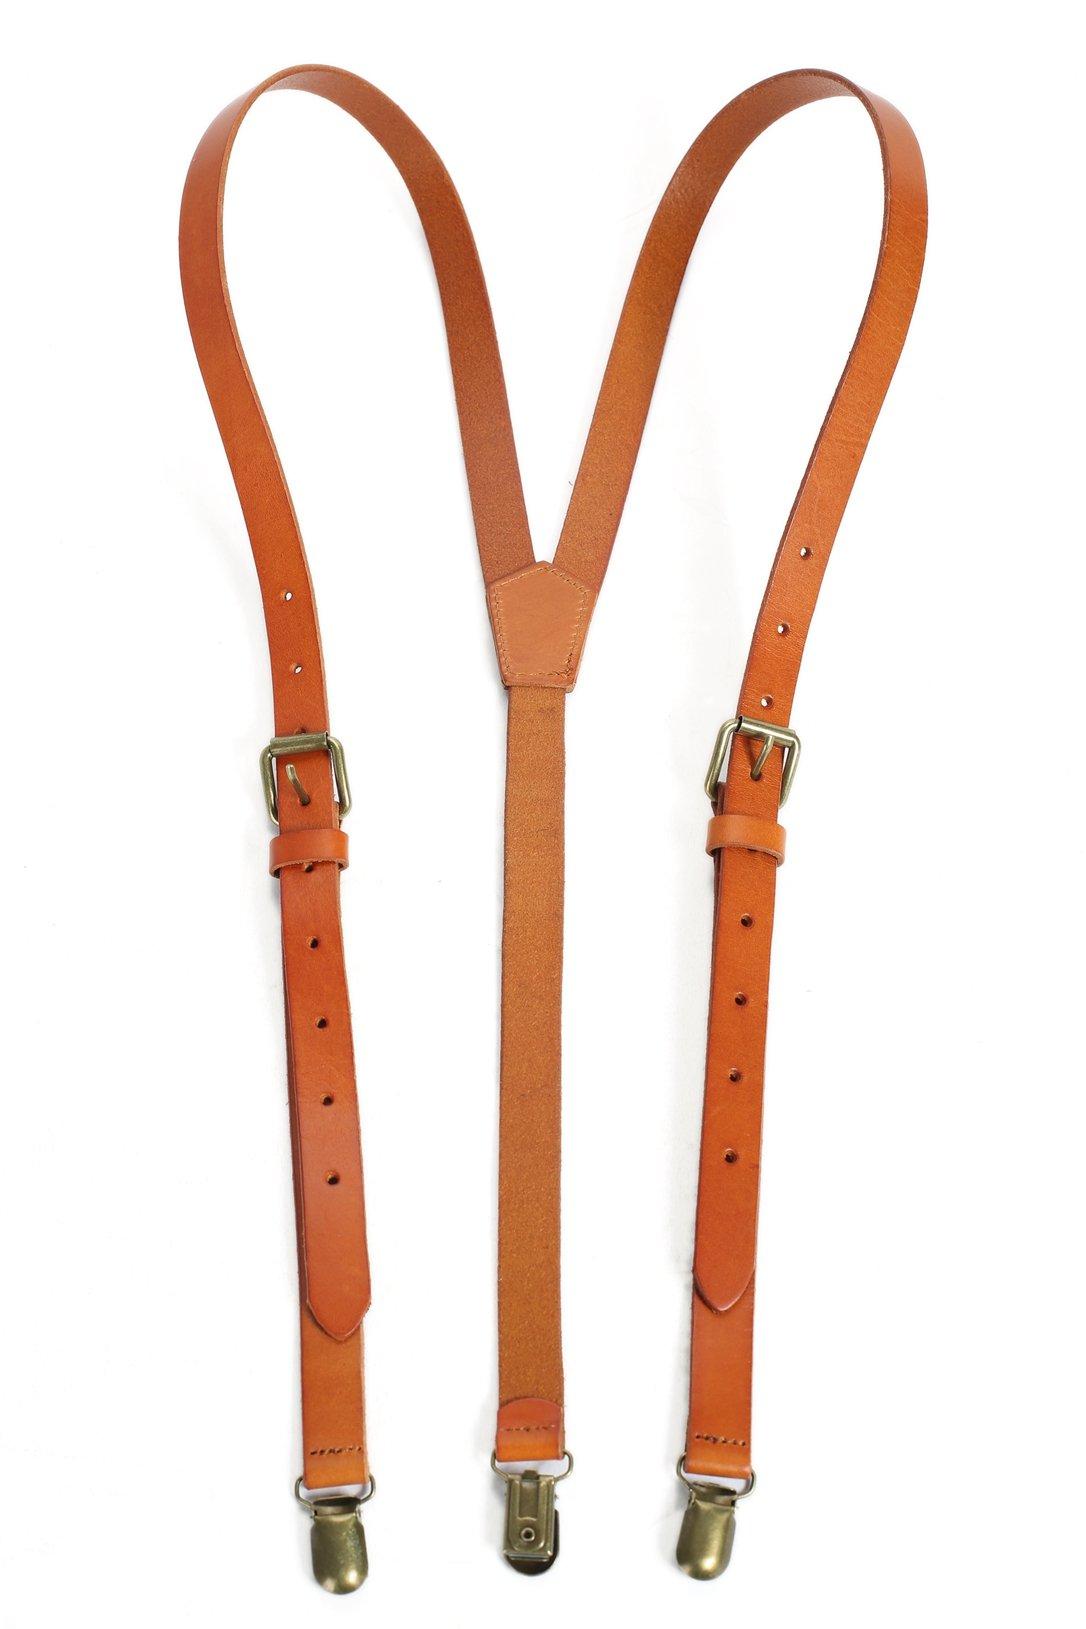 ROCKCOW Genuine Leather Suspenders/Groomsman Wedding Suspenders